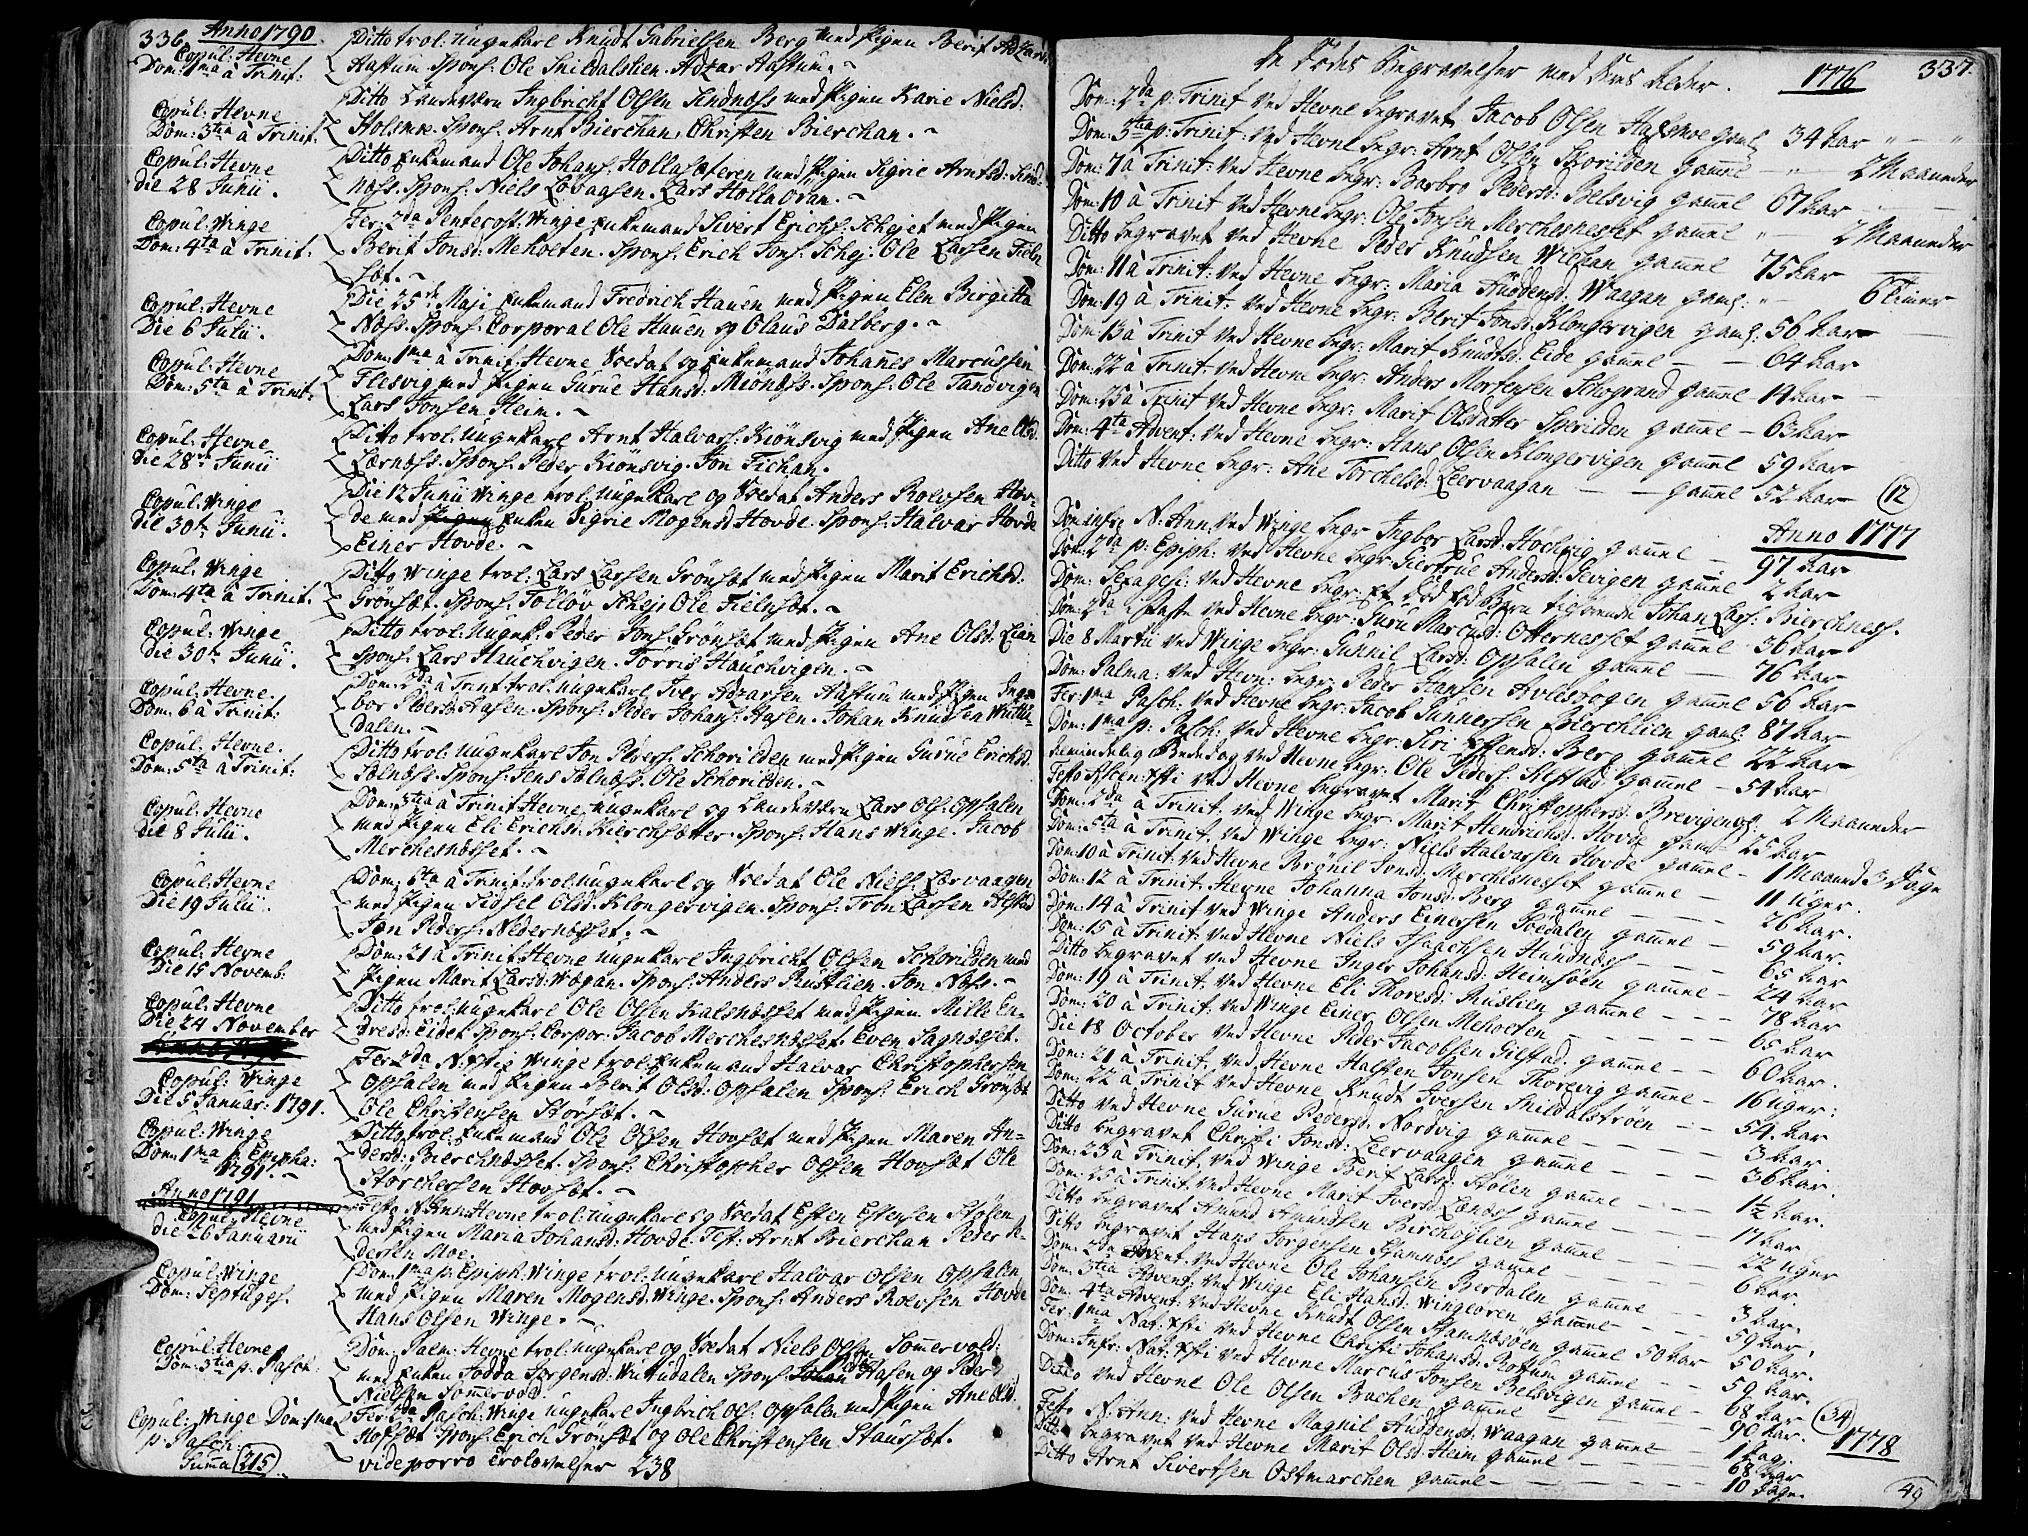 SAT, Ministerialprotokoller, klokkerbøker og fødselsregistre - Sør-Trøndelag, 630/L0489: Ministerialbok nr. 630A02, 1757-1794, s. 336-337